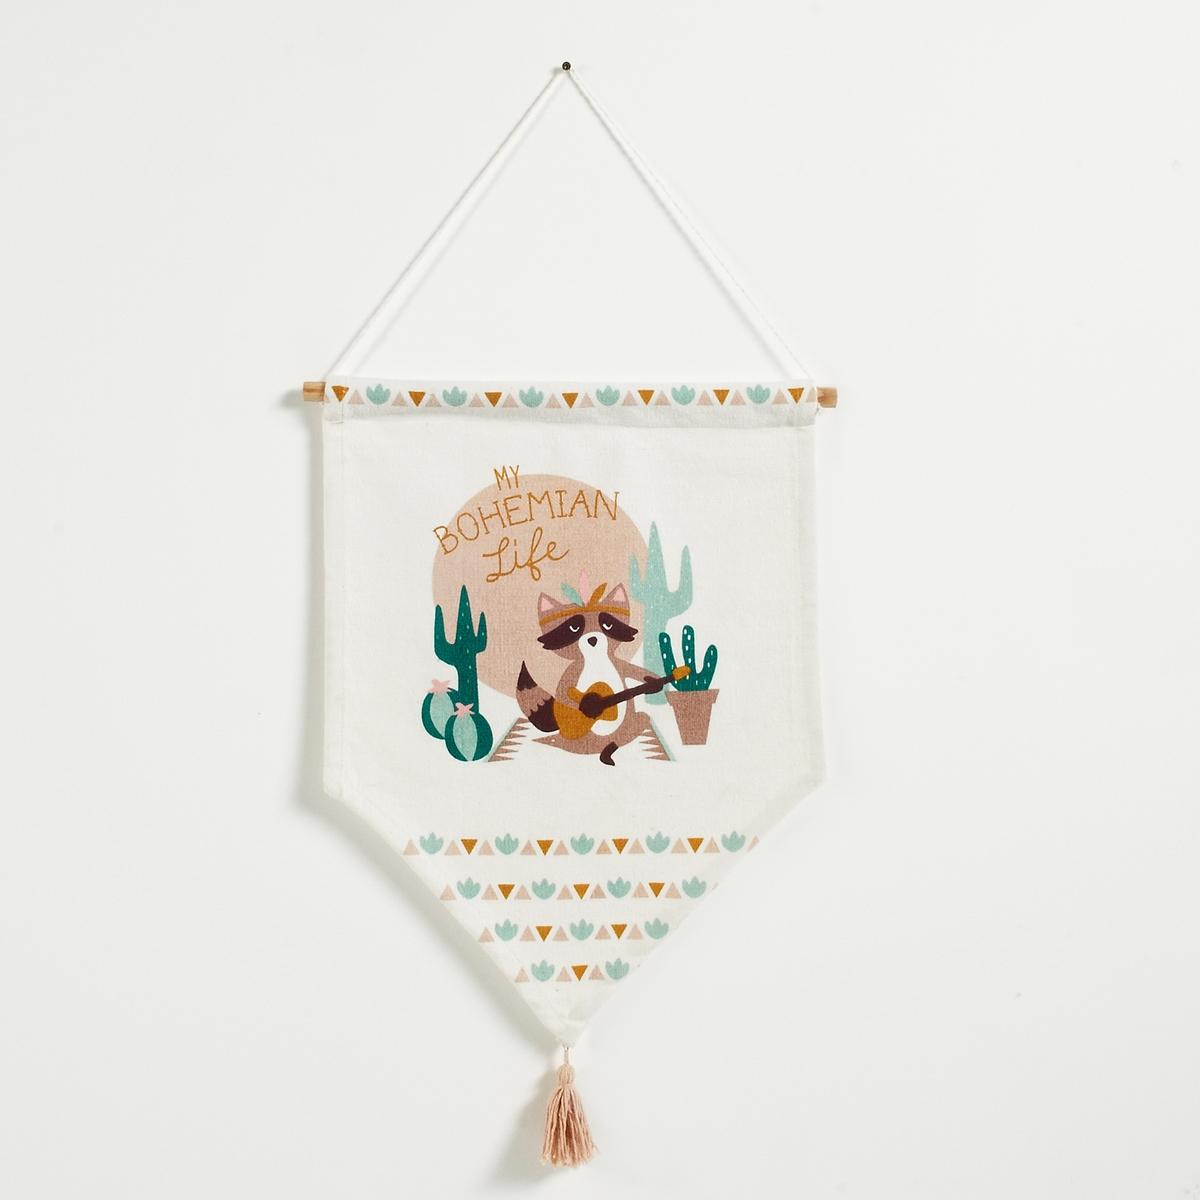 Коврик настенный детский TissarКоврик для декора детской комнаты, Tissar. Коврик из хлопка с рисунком енот-полоскун. Треугольная форма.Характеристики настенного детского коврика Tissar :Коврик из хлопка с кисточкой из шерстиС рисунком Стержневой подвес из сосны Подвесной шнурКронштейн продается отдельноНе стиратьДругие предметы декора для детей вы можете найти на сайте laredoute.ruРазмеры настенного коврика Tissar :Размеры. : 40 x высота 55 см<br><br>Цвет: разноцветный